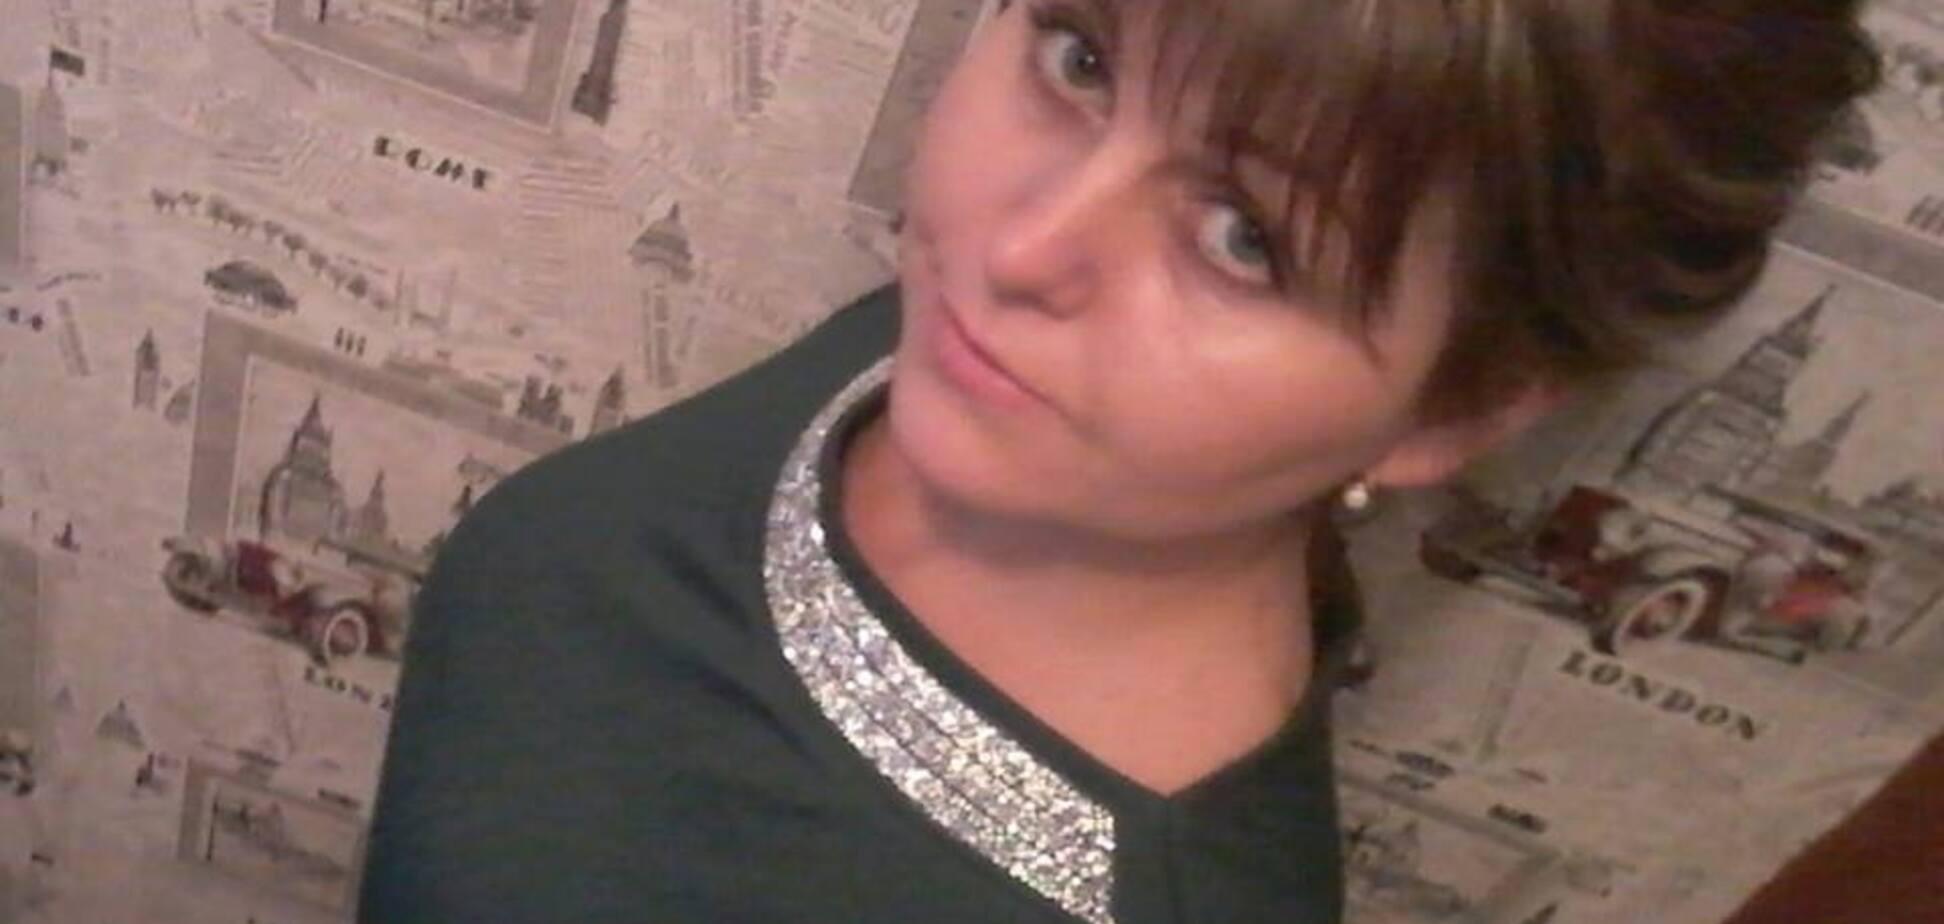 Зґвалтував і по-звірячому зарізав: поліція показала фото ймовірного вбивці жінки у Херсоні